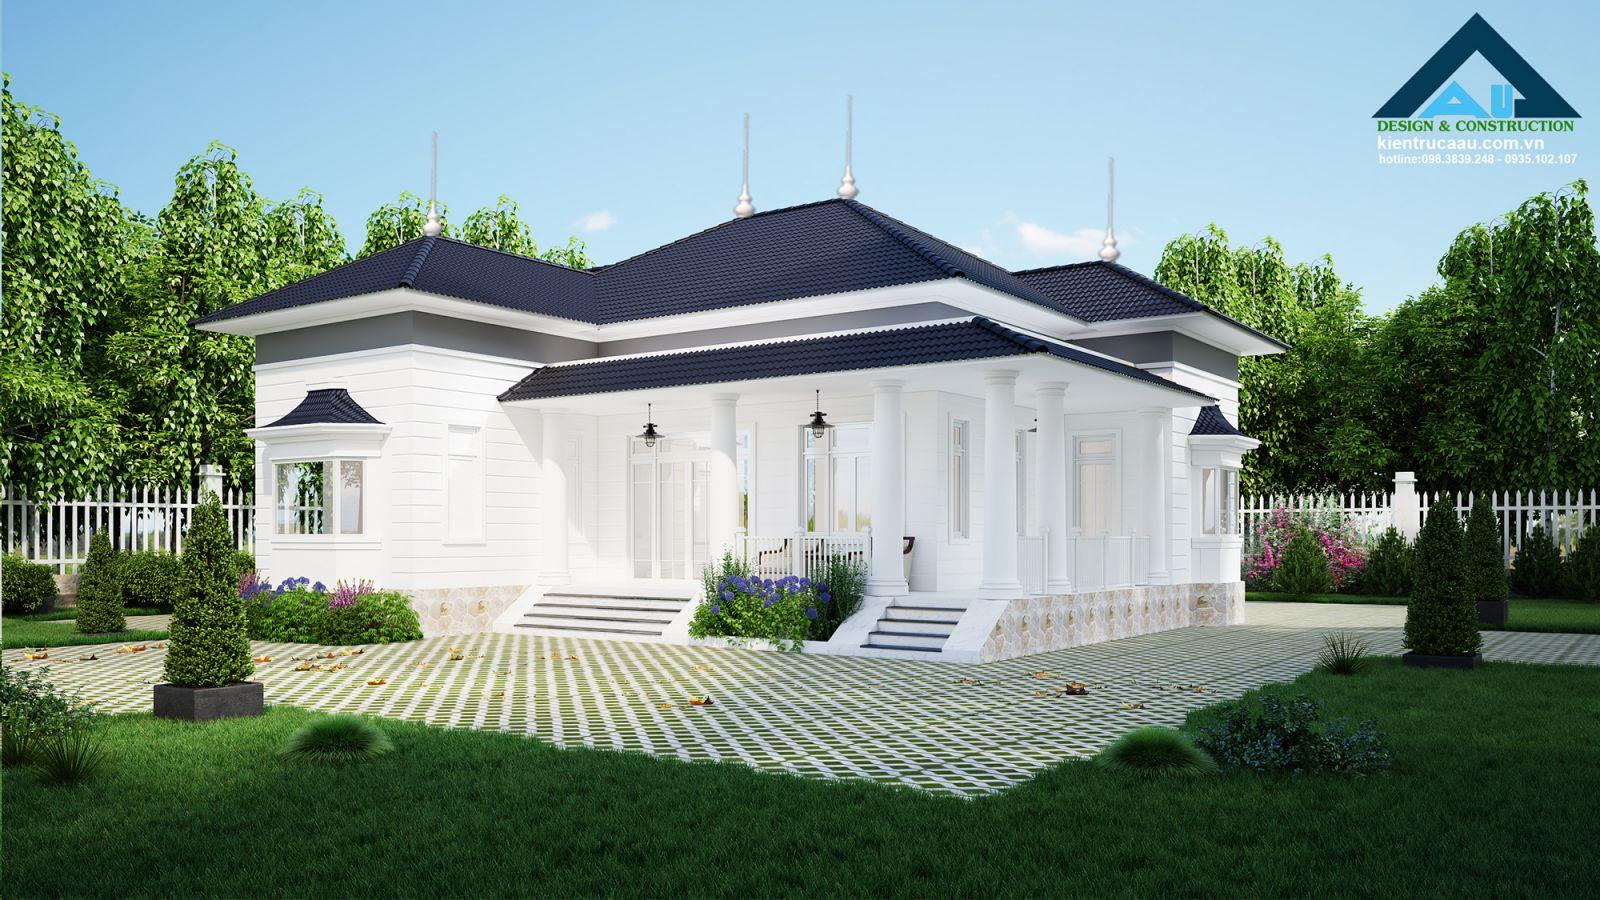 Thiết kế thi công biệt thự đẹp tại Đà Nẵng - Nên đến cơ sở nào?